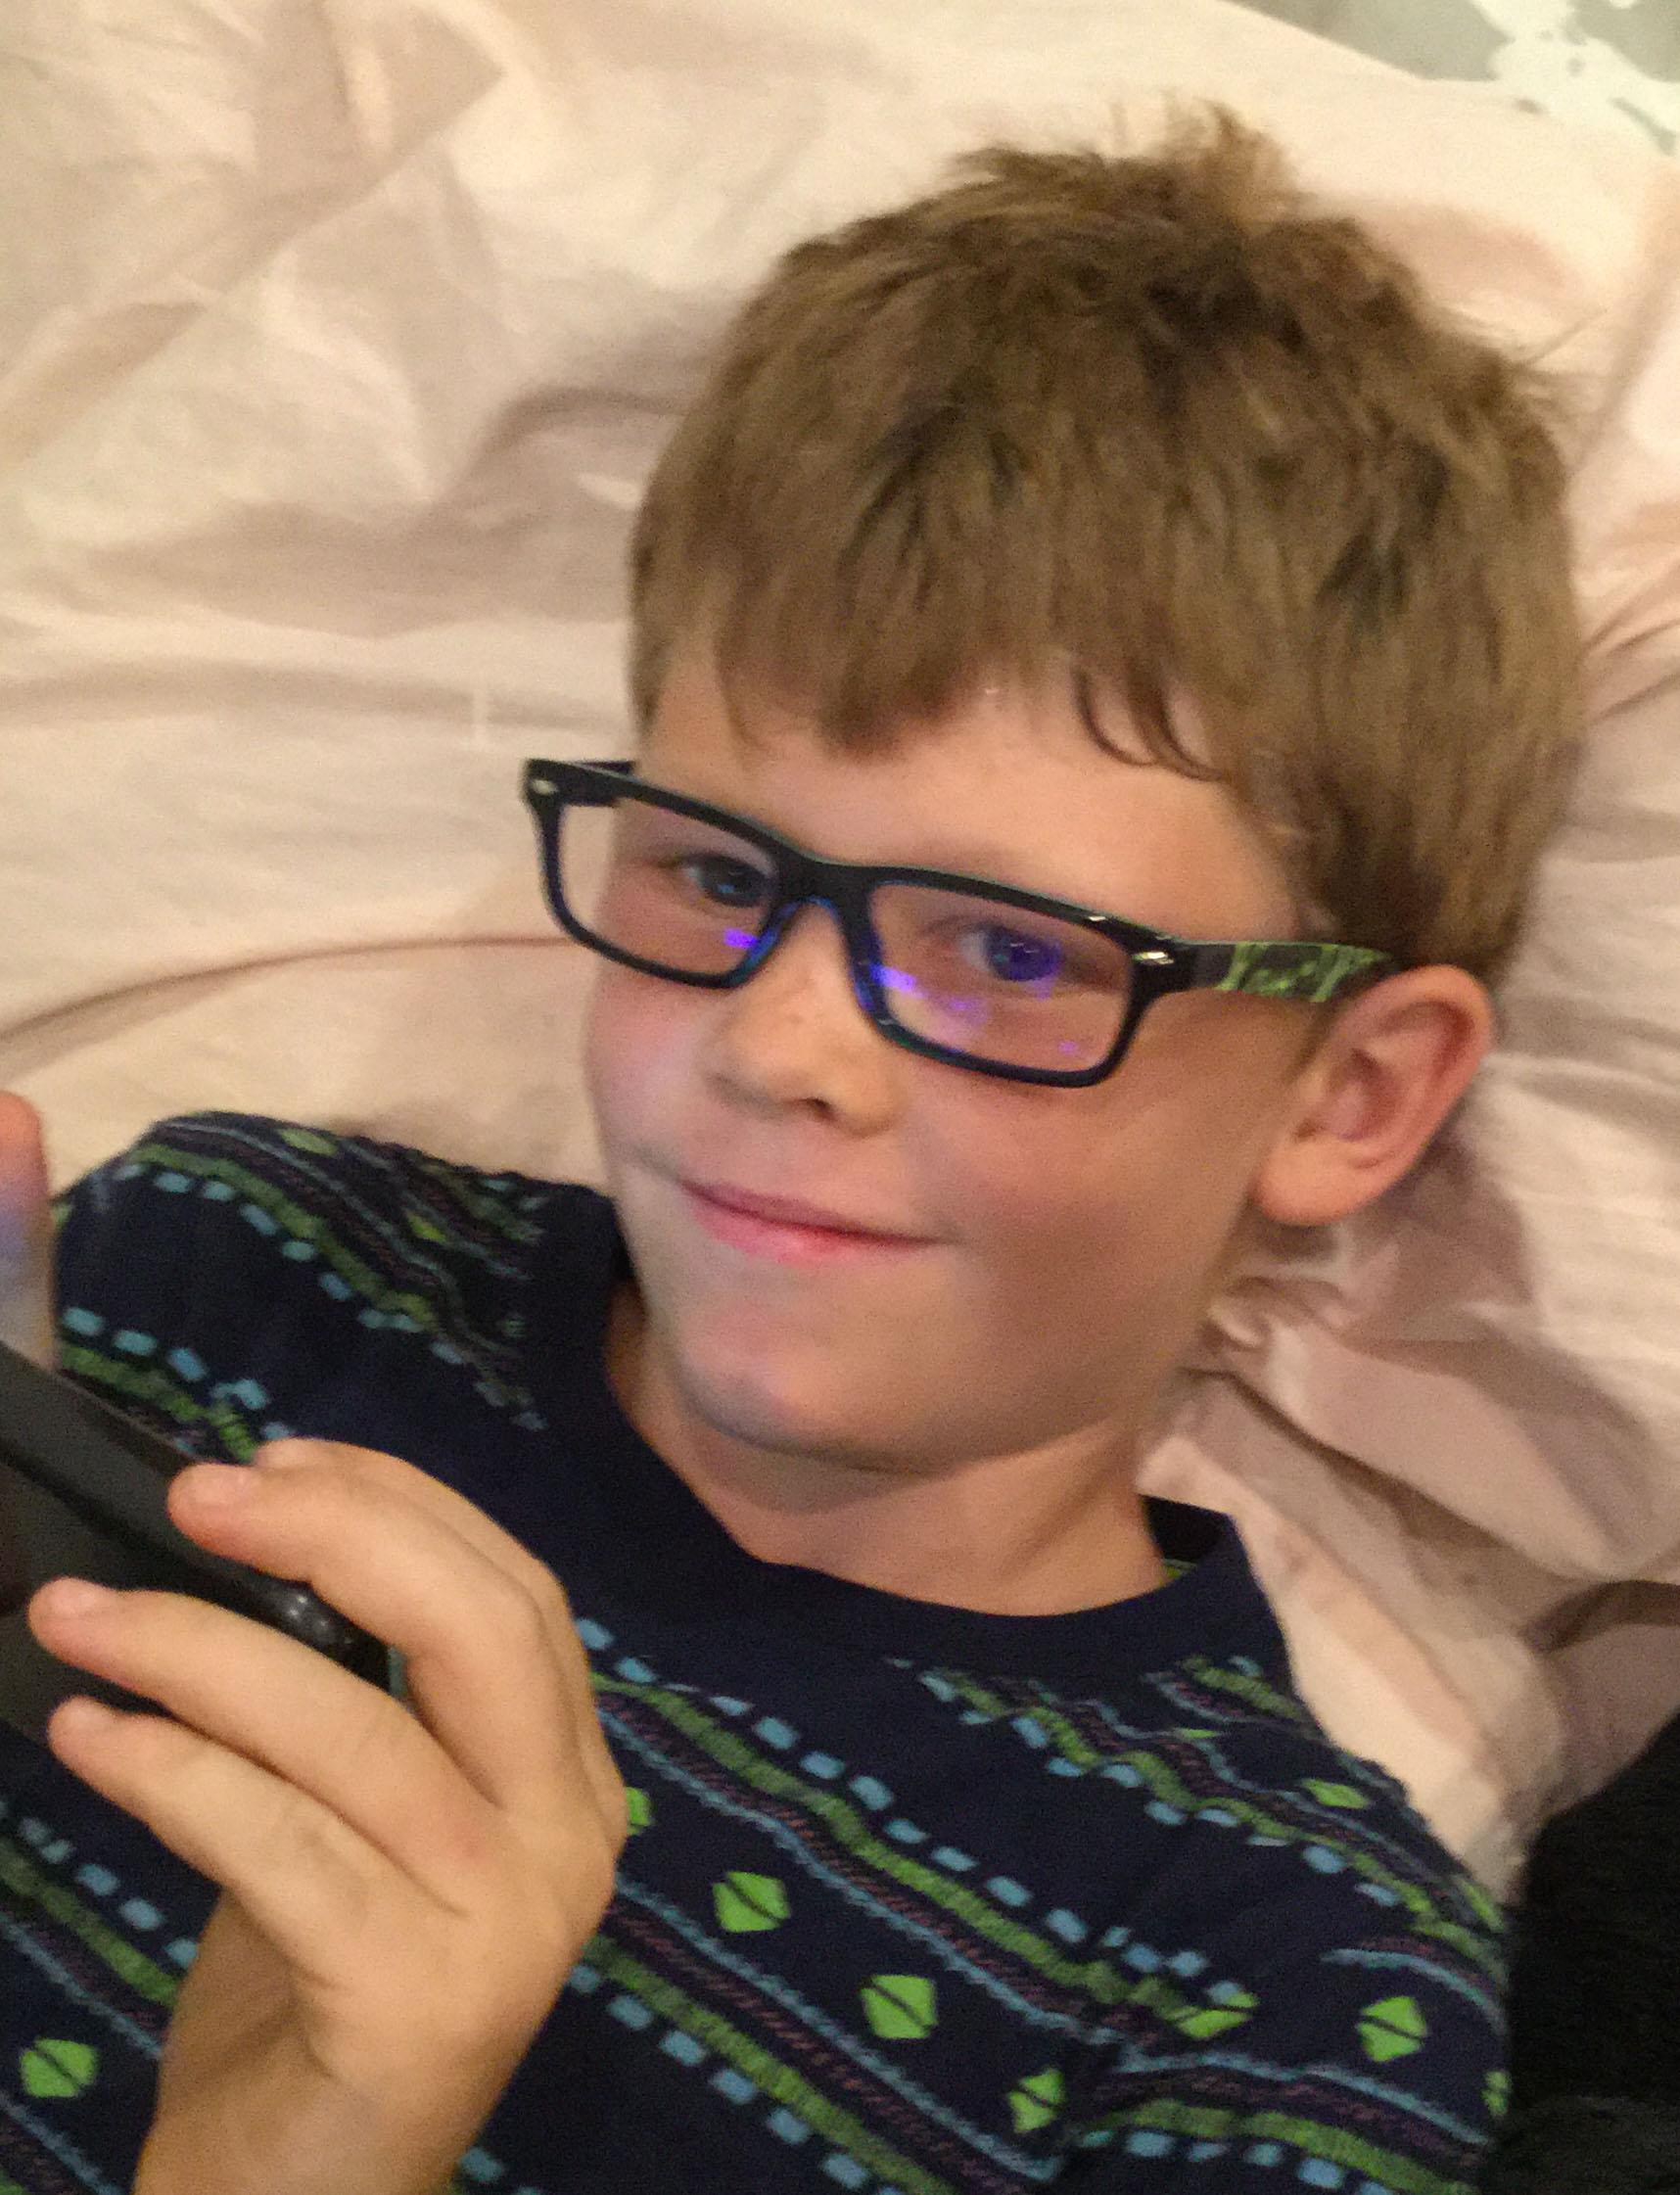 Josh looking content in his new specs